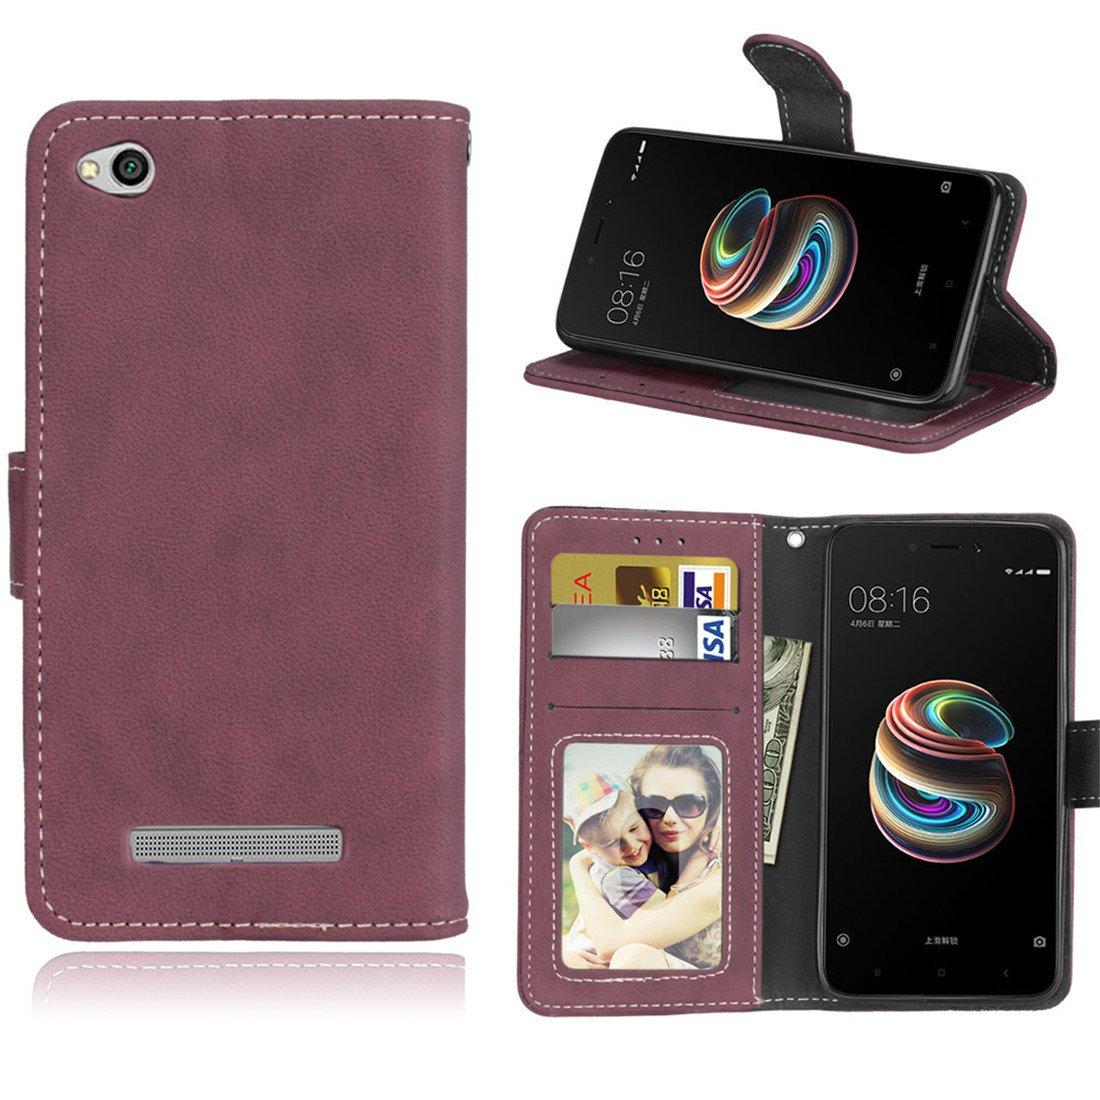 HiKing Para Xiaomi Redmi 5A Funda, Cuero De La PU Magné tico Capirotazo Billetera Apoyo Bumper Protector Cover Funda Carcasa Case, Retro Frosted 3 Card Slots - Gris